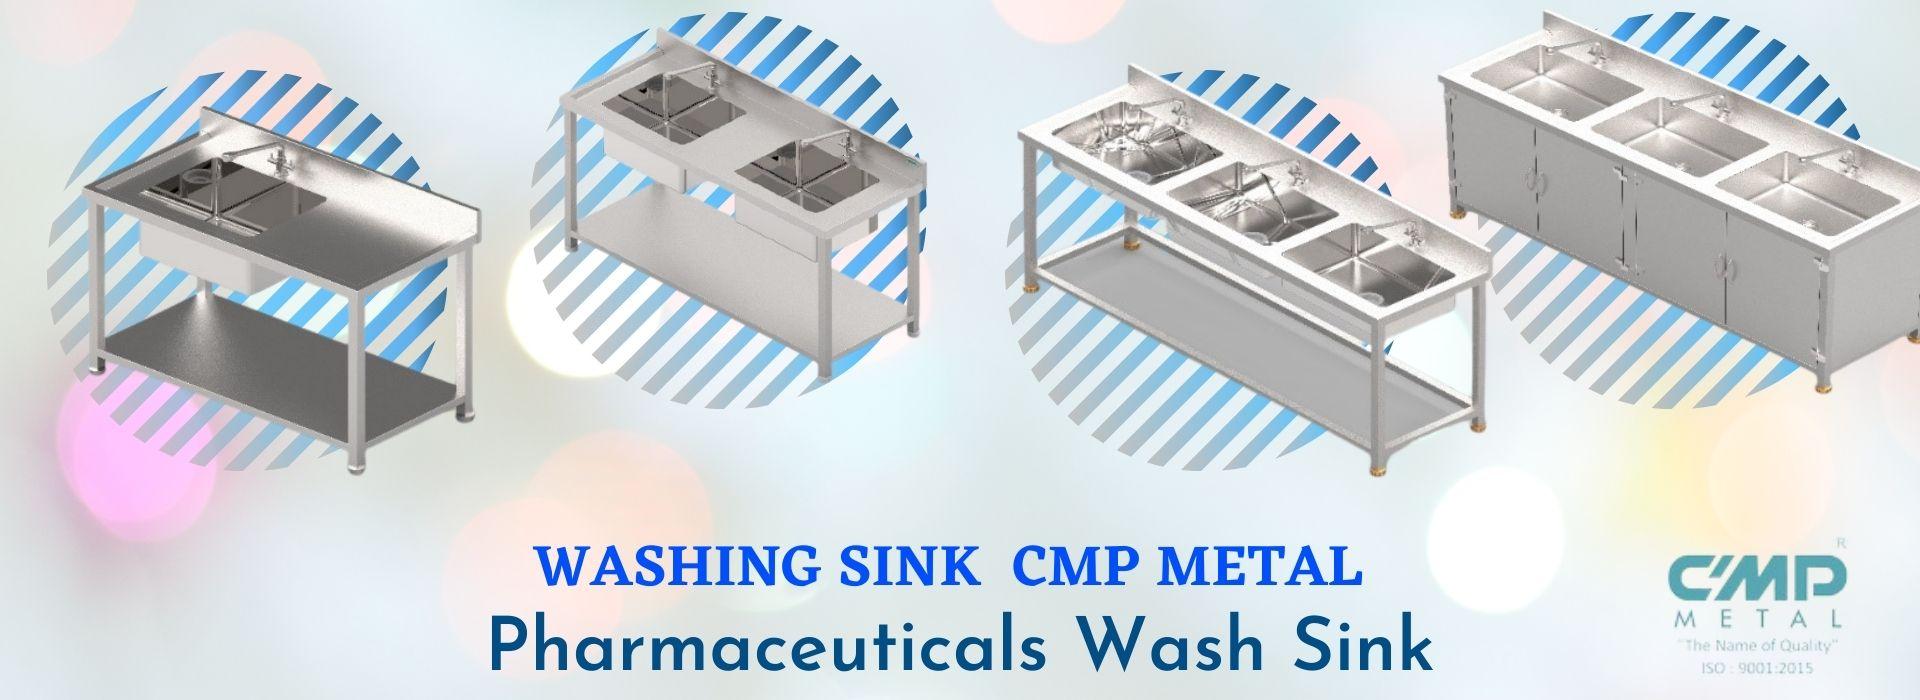 Washing Sink Cmp Metal Pharmaceuticals Wash Sink